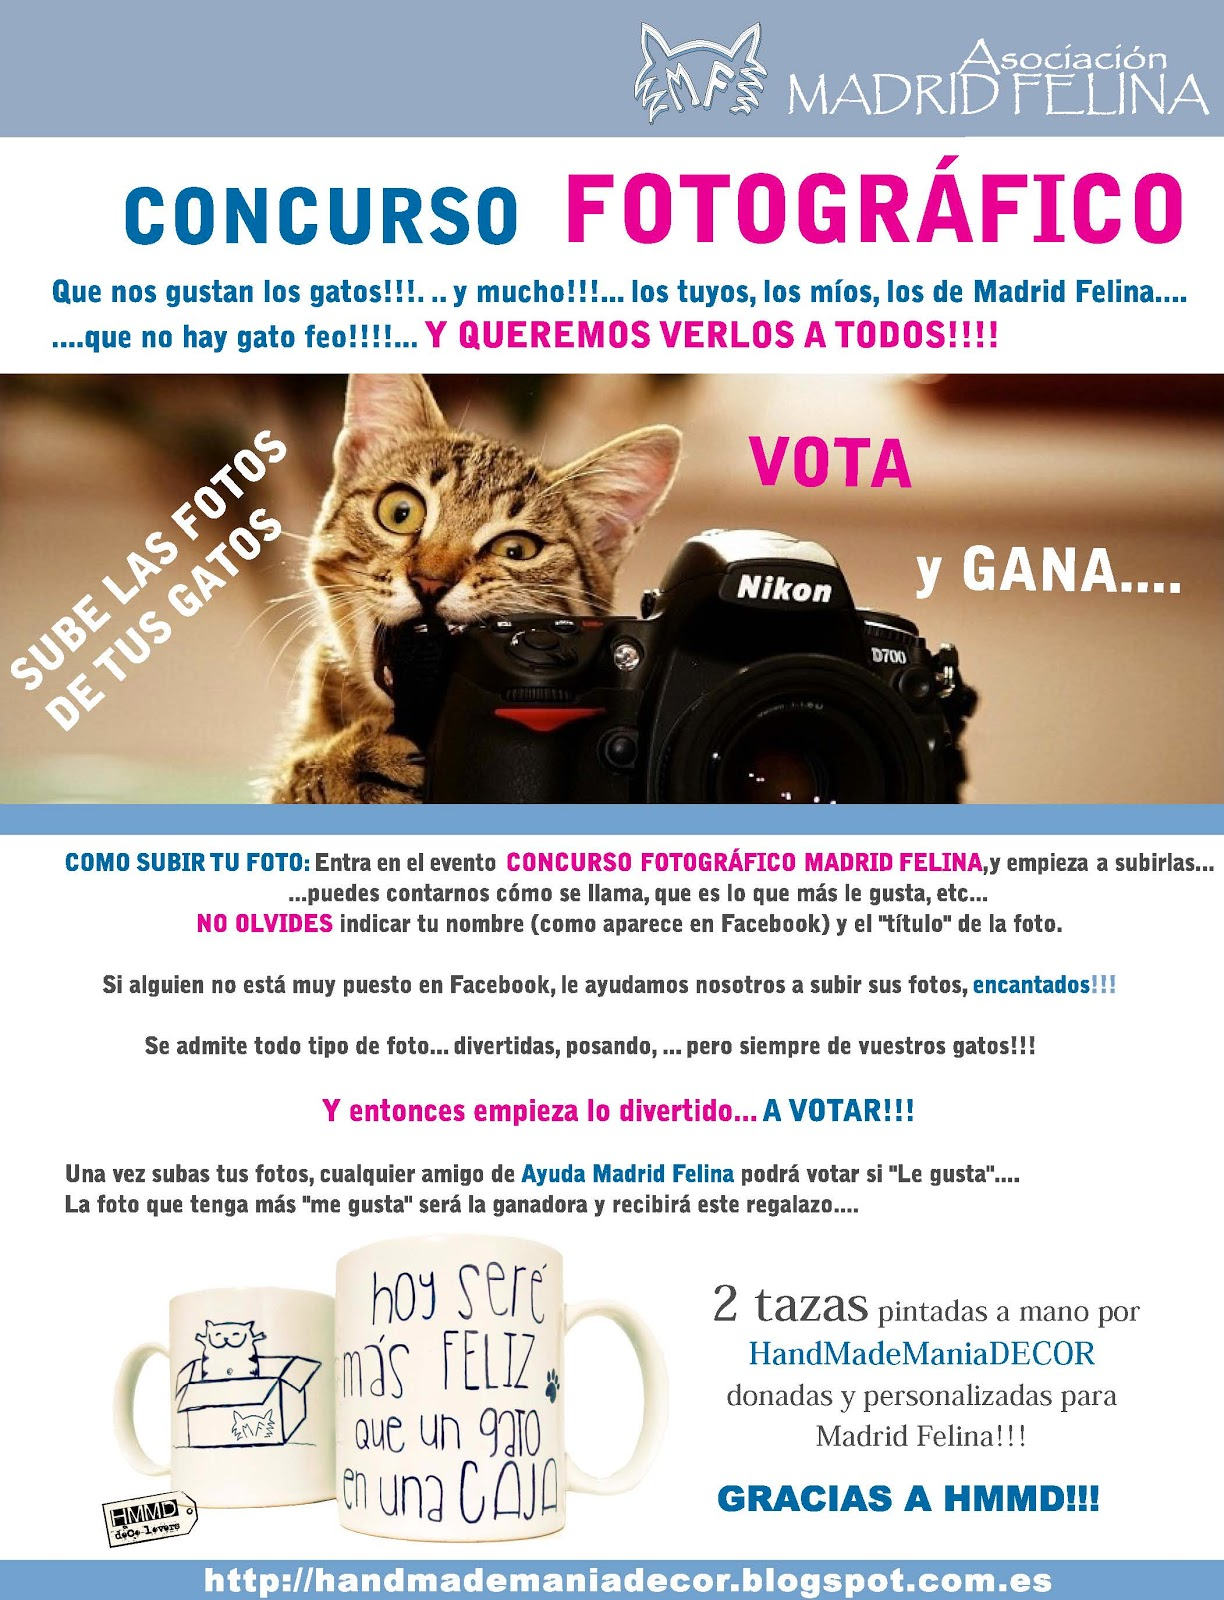 Colaboración HMMD - Madrid Felina. Concurso fotográfico. Concurso tazas con mensaje Hoy seré más feliz que un gato en una caja by HandMadeManiaDecor. Recaudación fondos asociación. Teaming 1€.